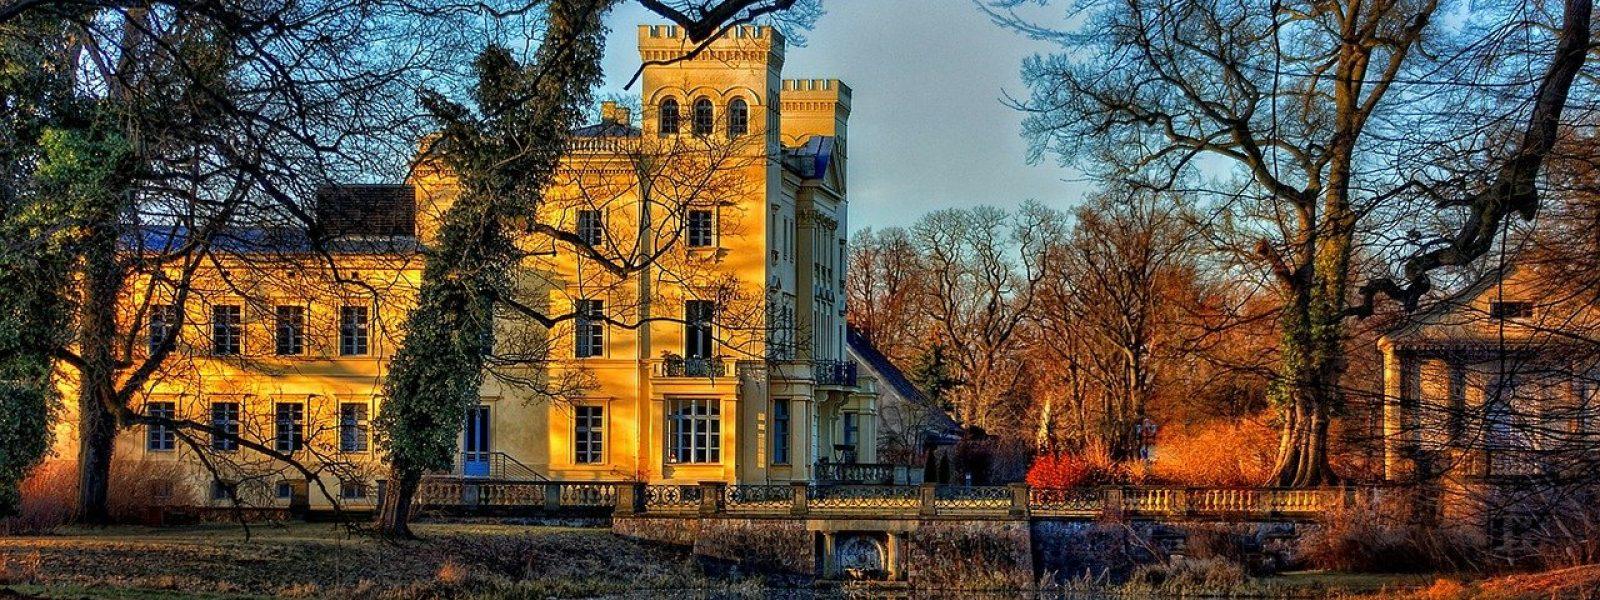 german castle steinhöfel in brandenburg